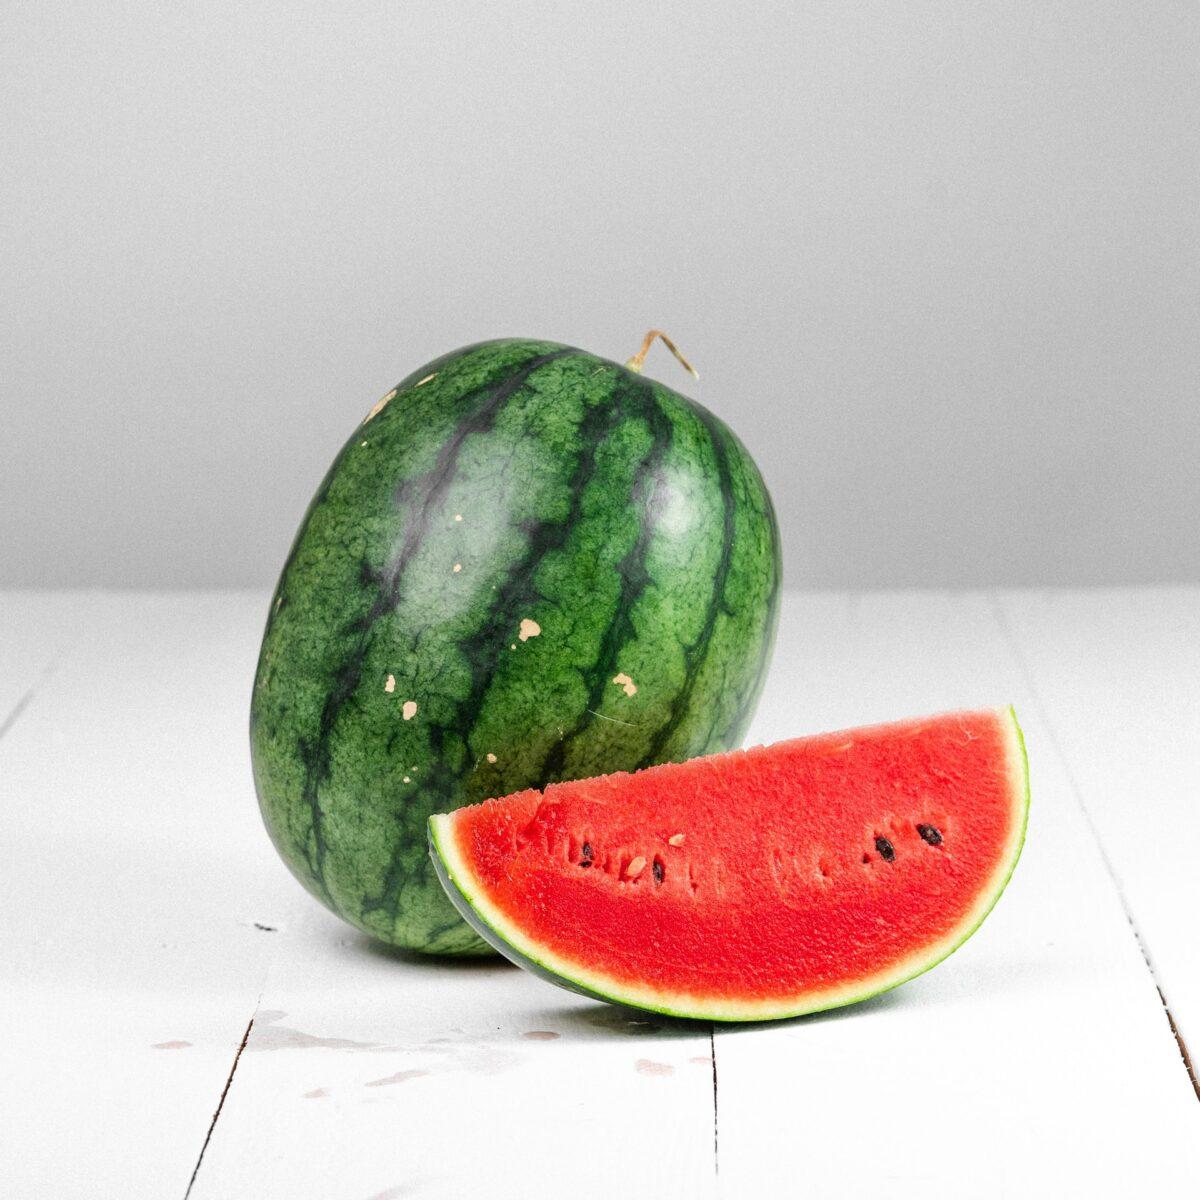 Właściwości odżywcze arbuza